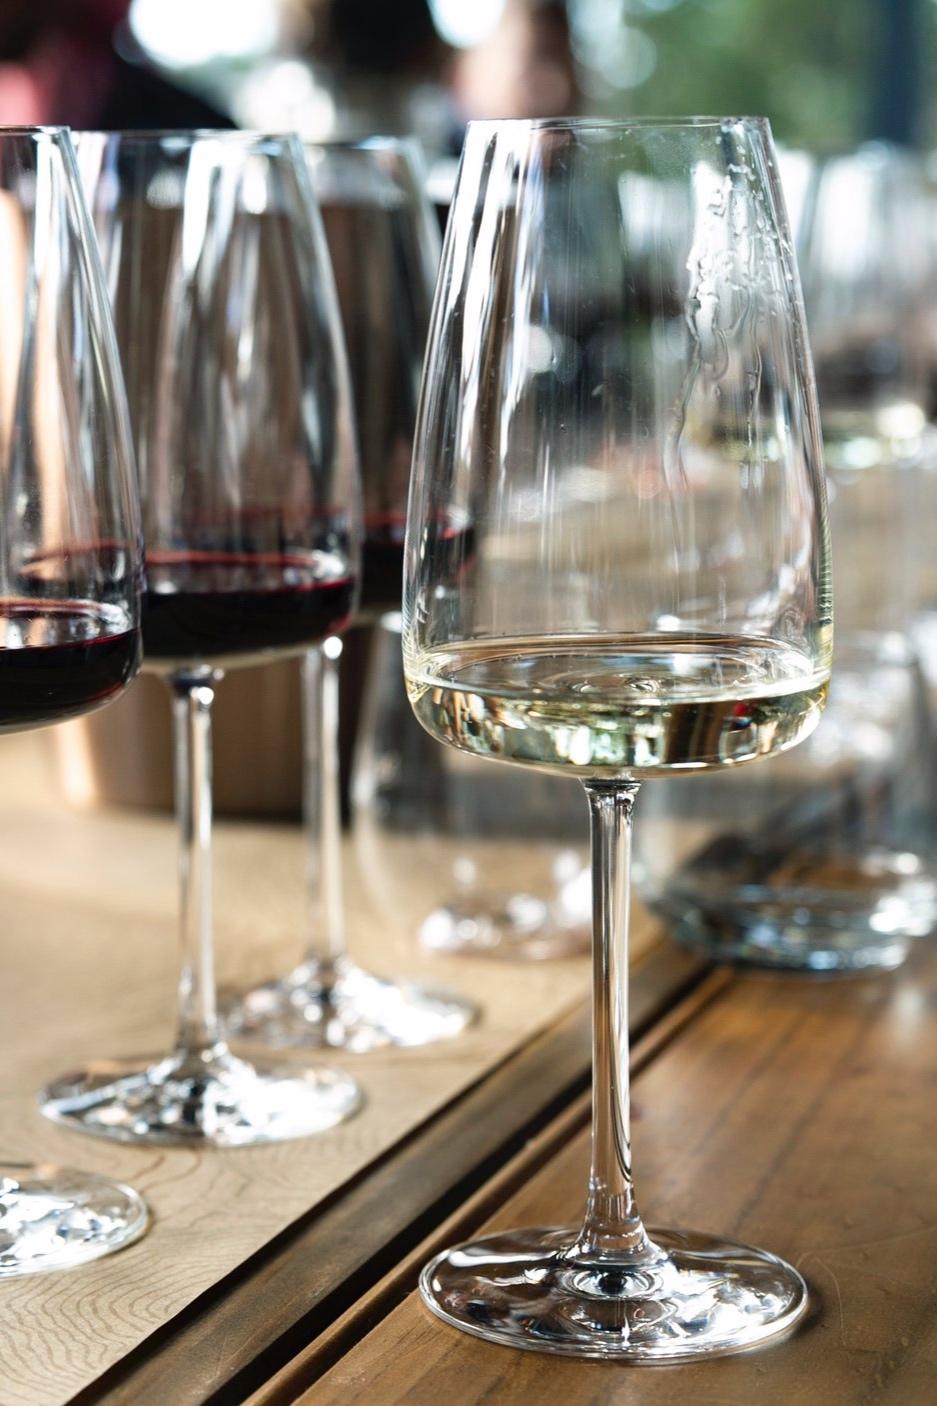 wijnworkshops - Bij de wijnworkshops gaan we aan de slag met wijn en zetten we onze zintuigen op scherp: wat zie ik, wat ruik ik en wat proef ik en wat betekent dat allemaal?Van een laagdrempelige kennismaking met wijn tot een premium avond op hoog niveau, door de mix van theorie en praktijk staan de wijnworkshops voor iedereen garant voor leerzame, lekkere en gezellige uurtjes. Een aanrader voor wijnliefhebbers op elk niveau.De prijzen van de wijnworkshops zijn gebaseerd op acht tot tien deelnemers, bij u thuis of op een door u geregelde locatie. Ik neem de wijnen, wijnglazen, spietons en brood mee. Een groter aantal deelnemers of een bijzondere locatie is geen enkel probleem, ik maak graag een offerte op maat.